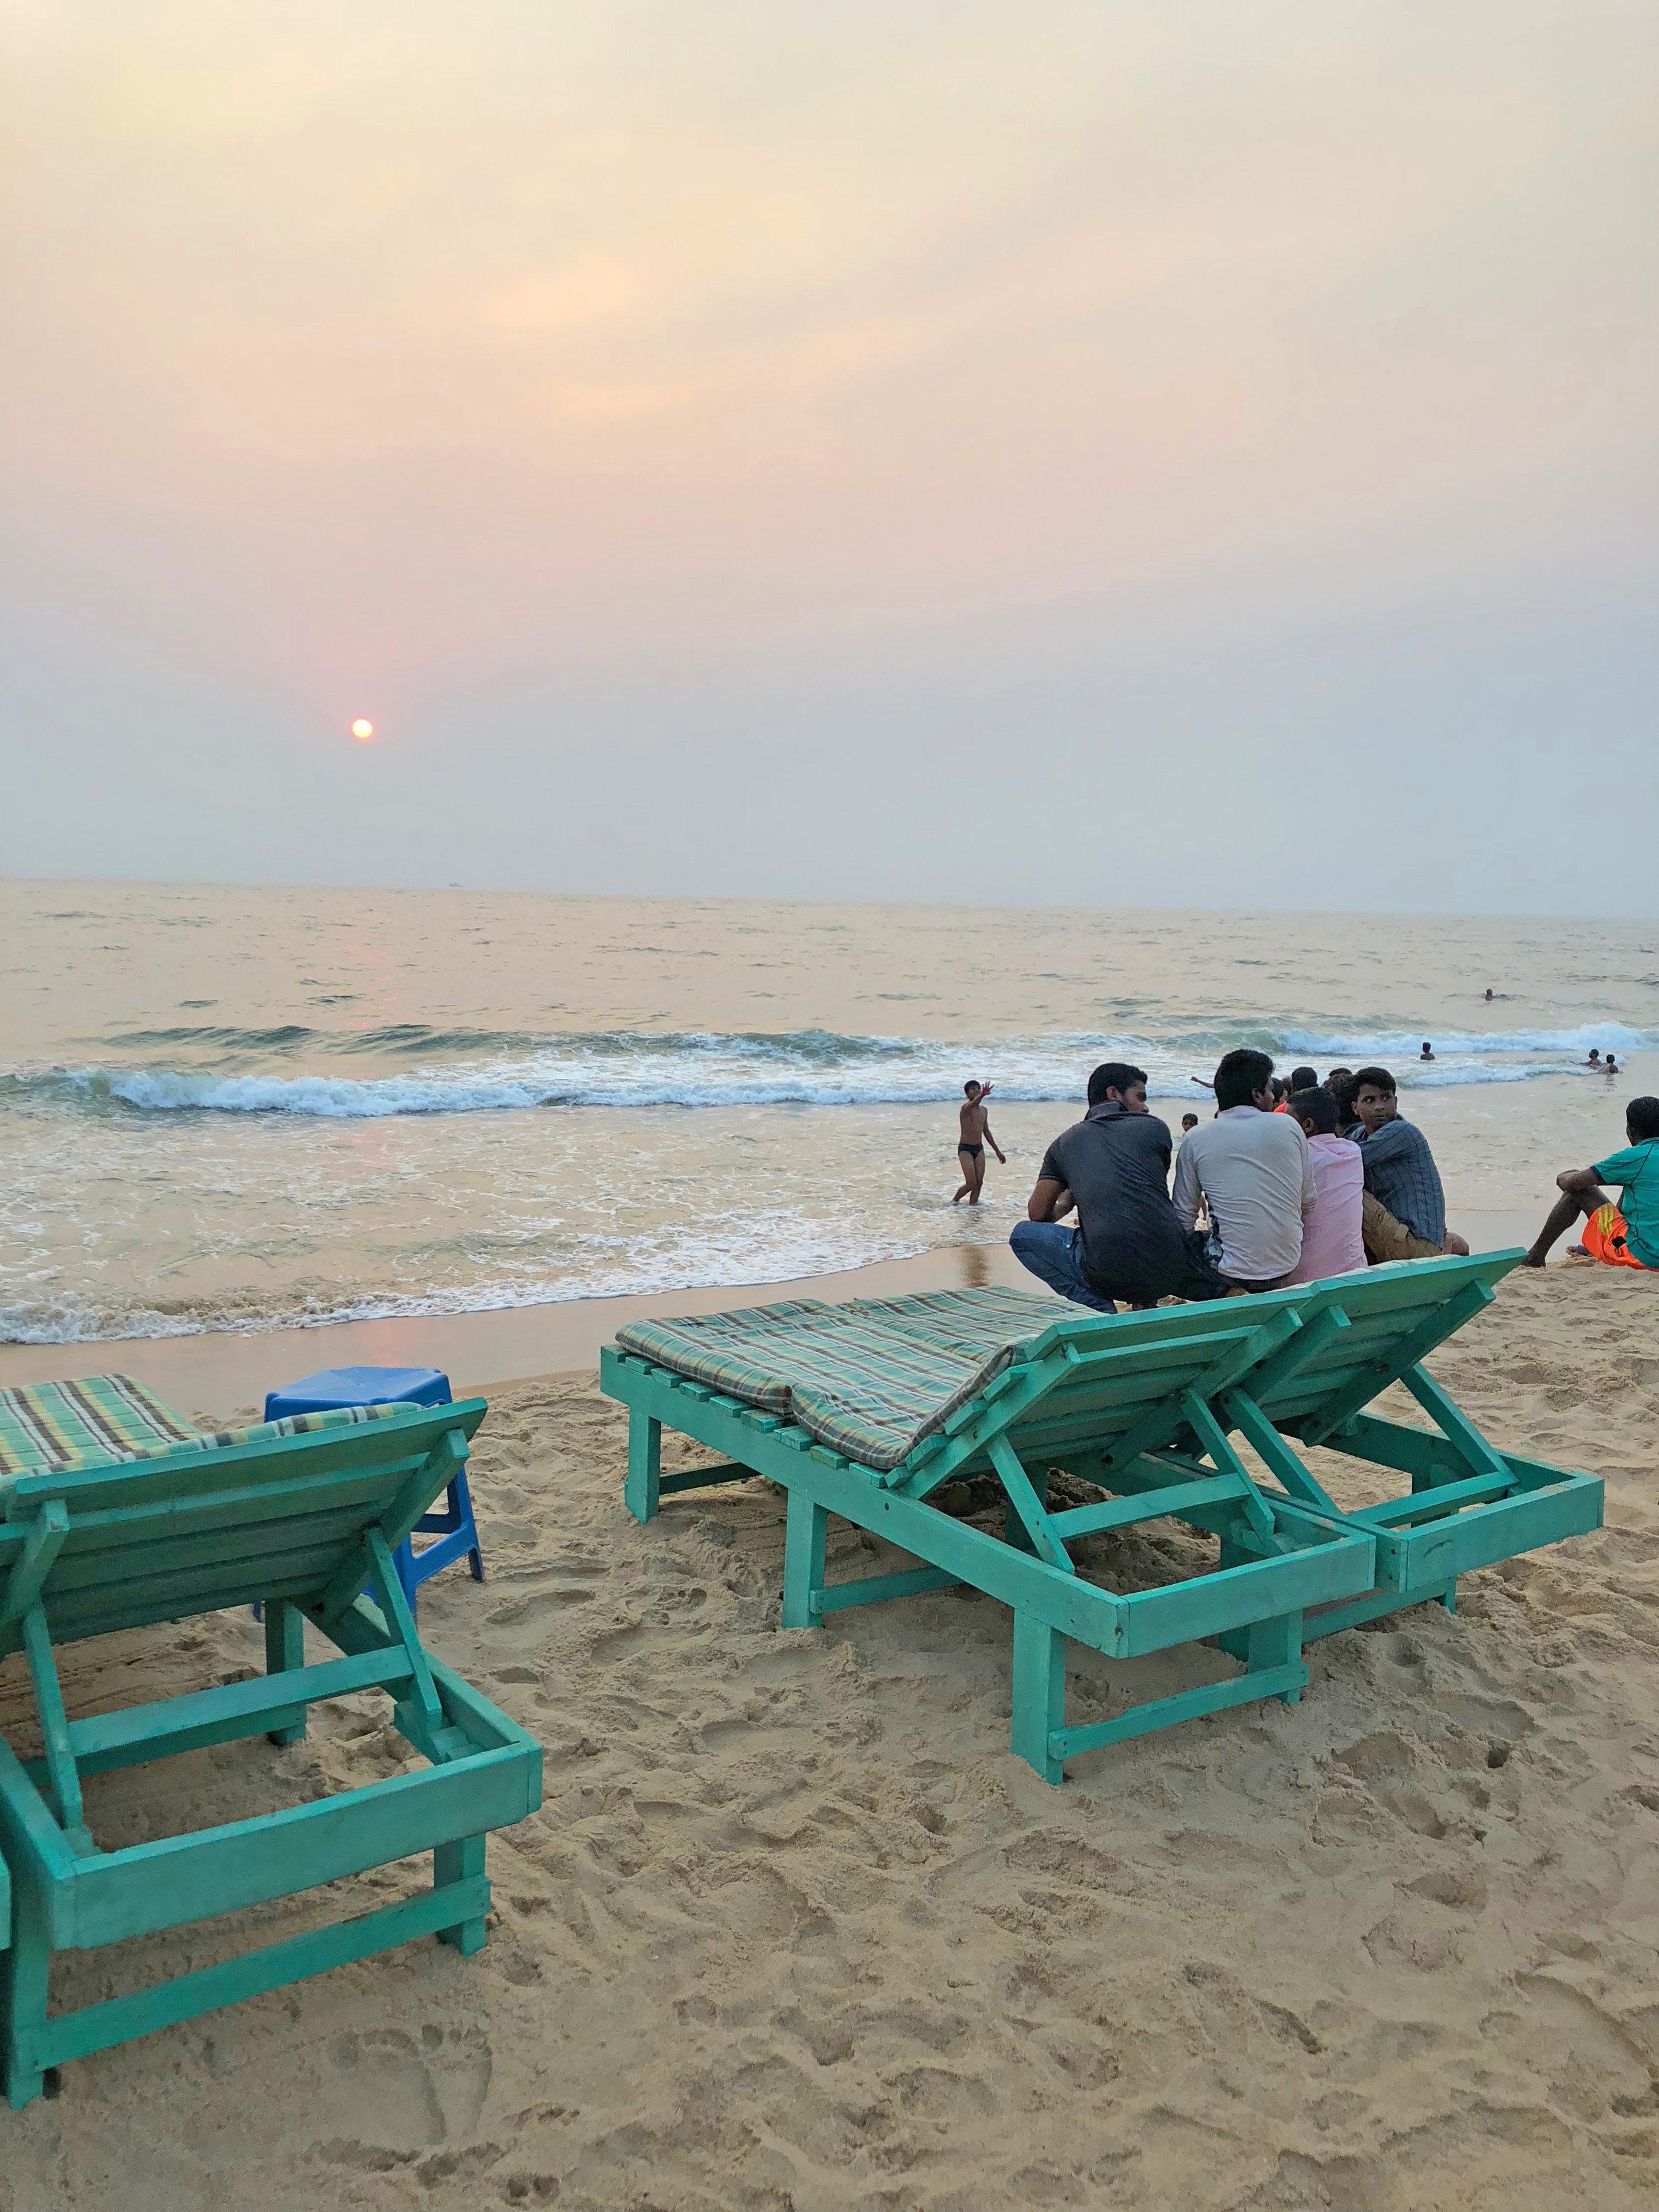 Boys on the beach in Goa